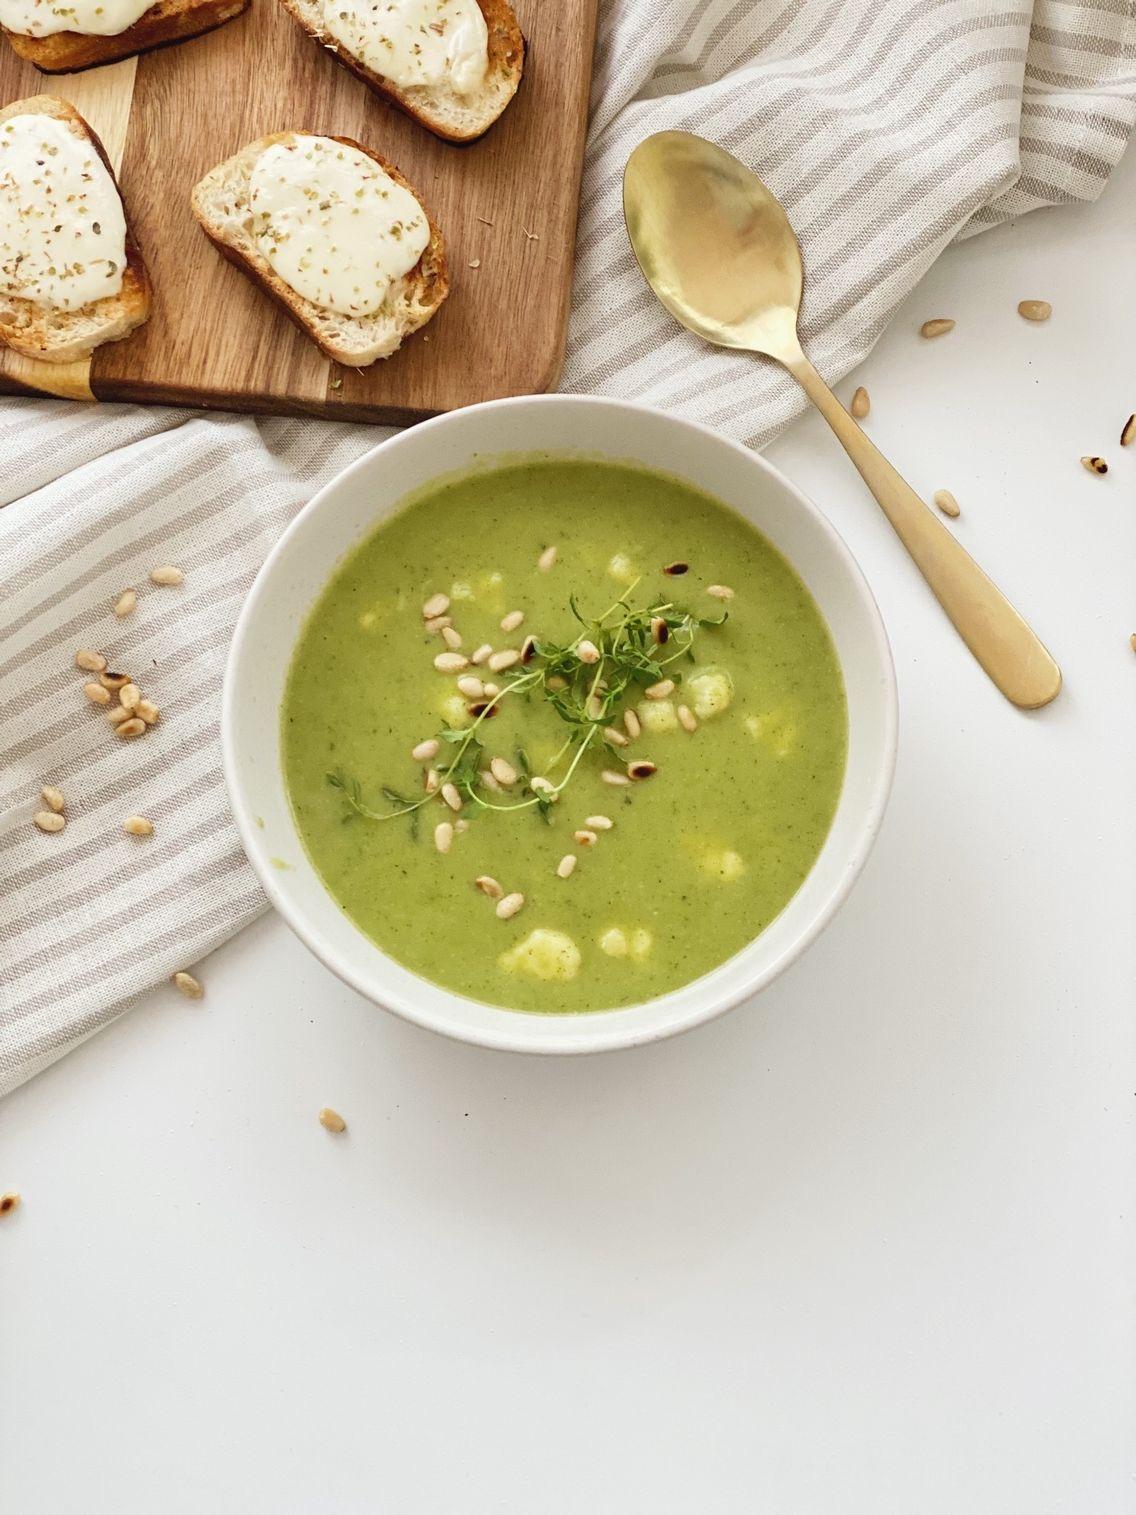 Broccolisuppe i en skål pyntet med ristede pinjekerner. Der ligger pinjekerner rundt på bordet, en ske ved siden af og ostebrød på et spækbræt ved siden af.